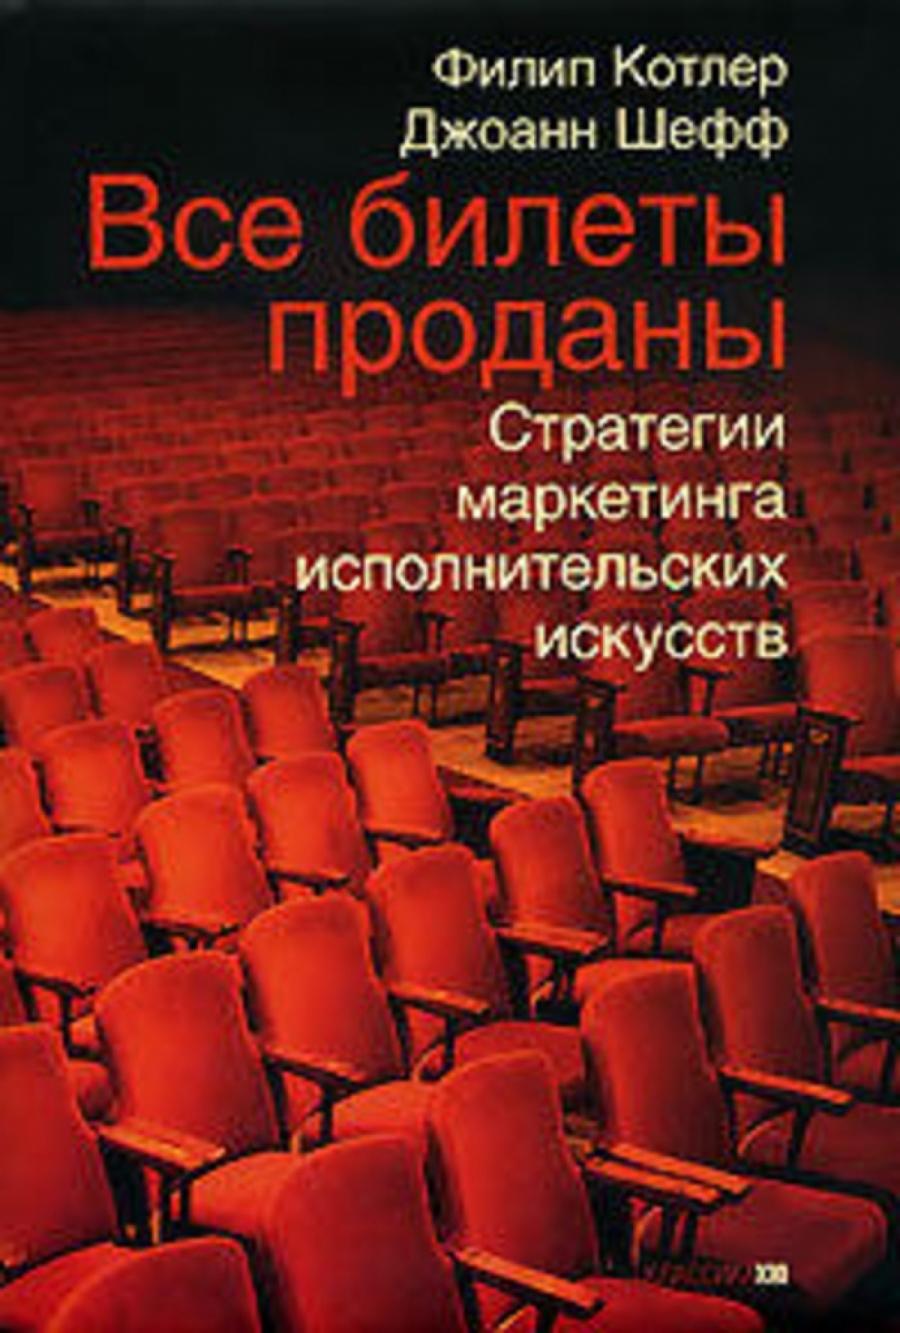 Обложка книги:  филип котлер, джоан шефф - все билеты проданы. стратегии маркетинга исполнительских искусств